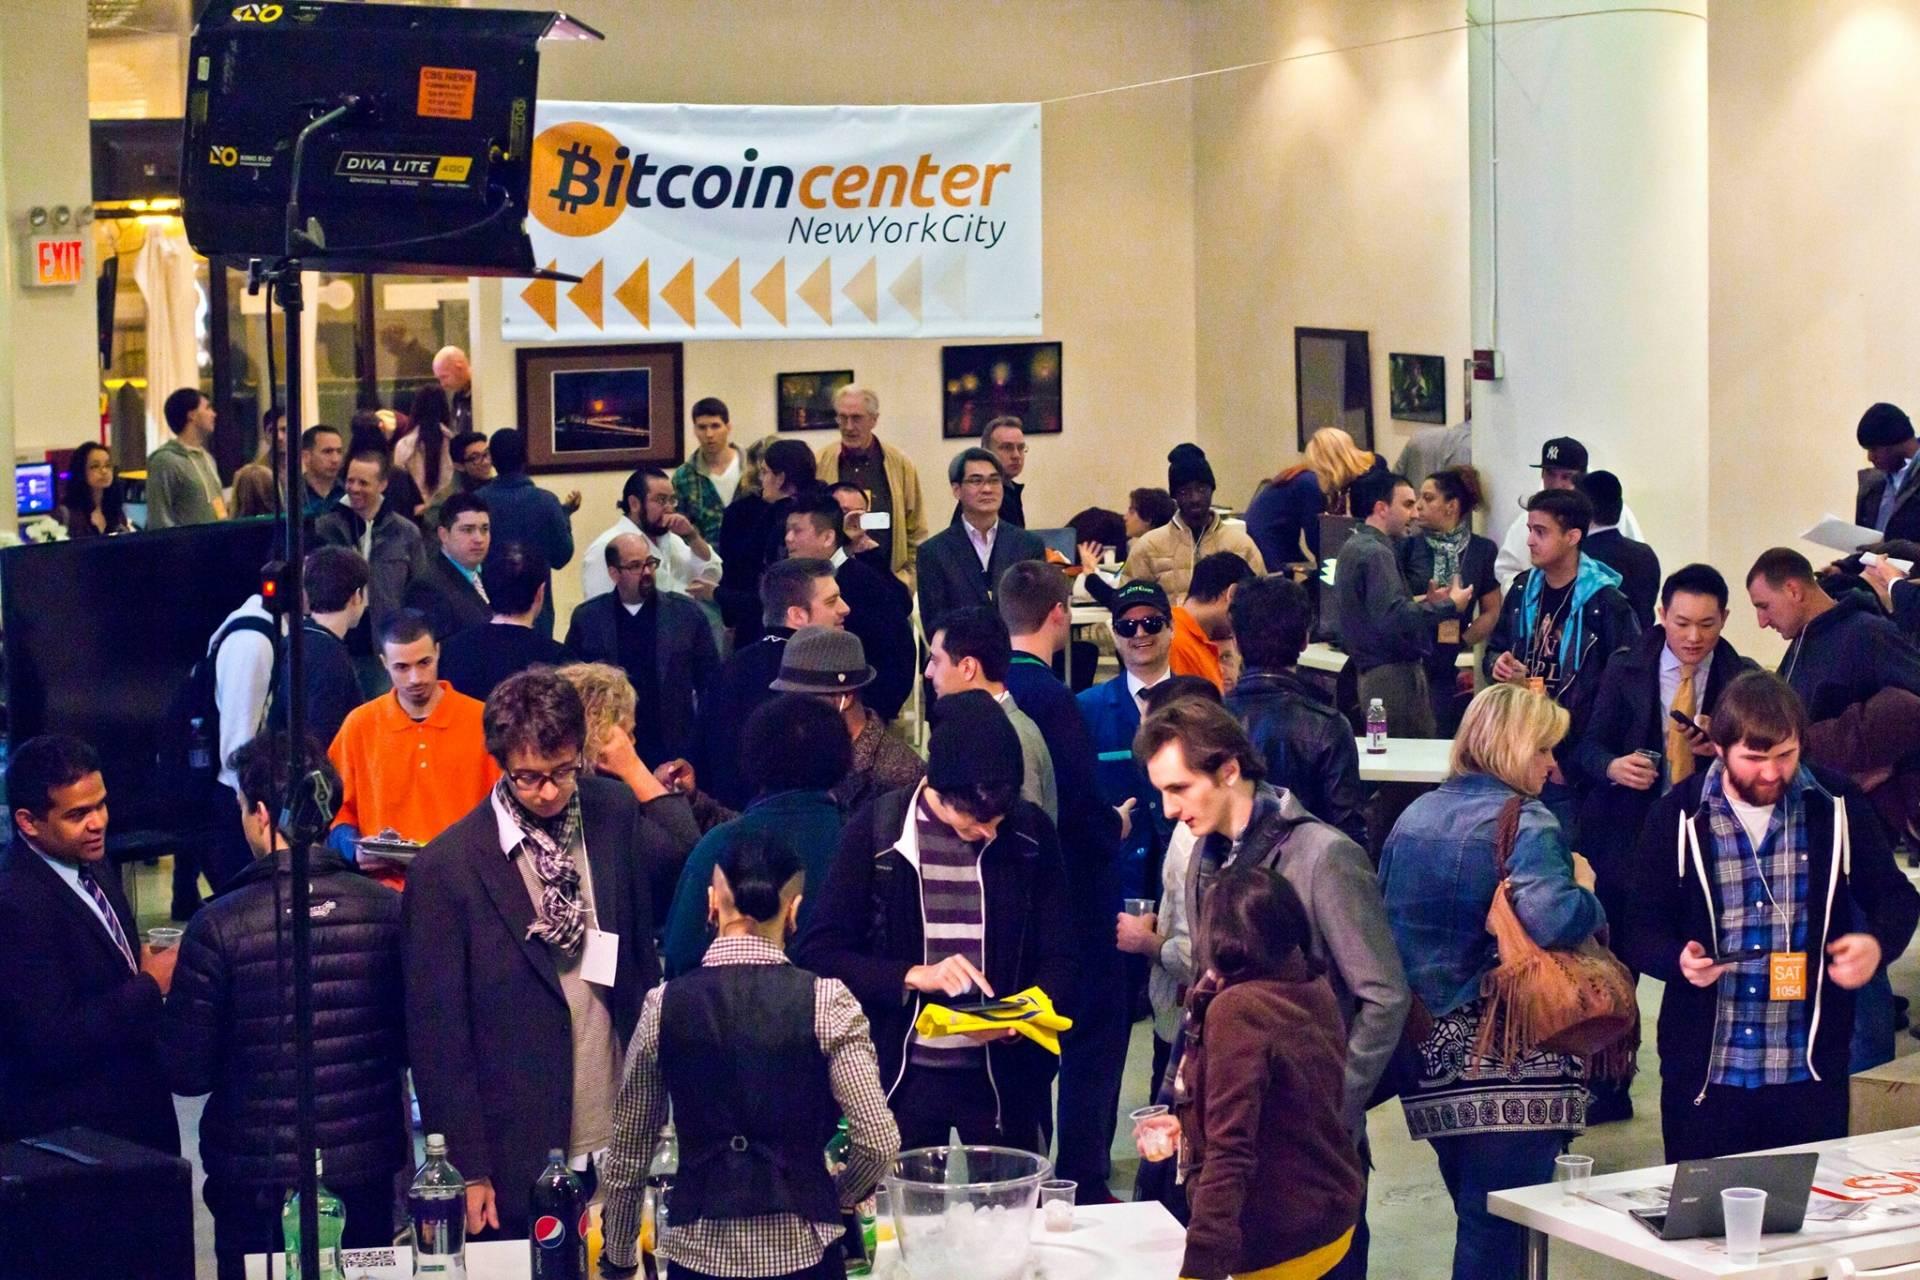 bitcoin centras nyc)